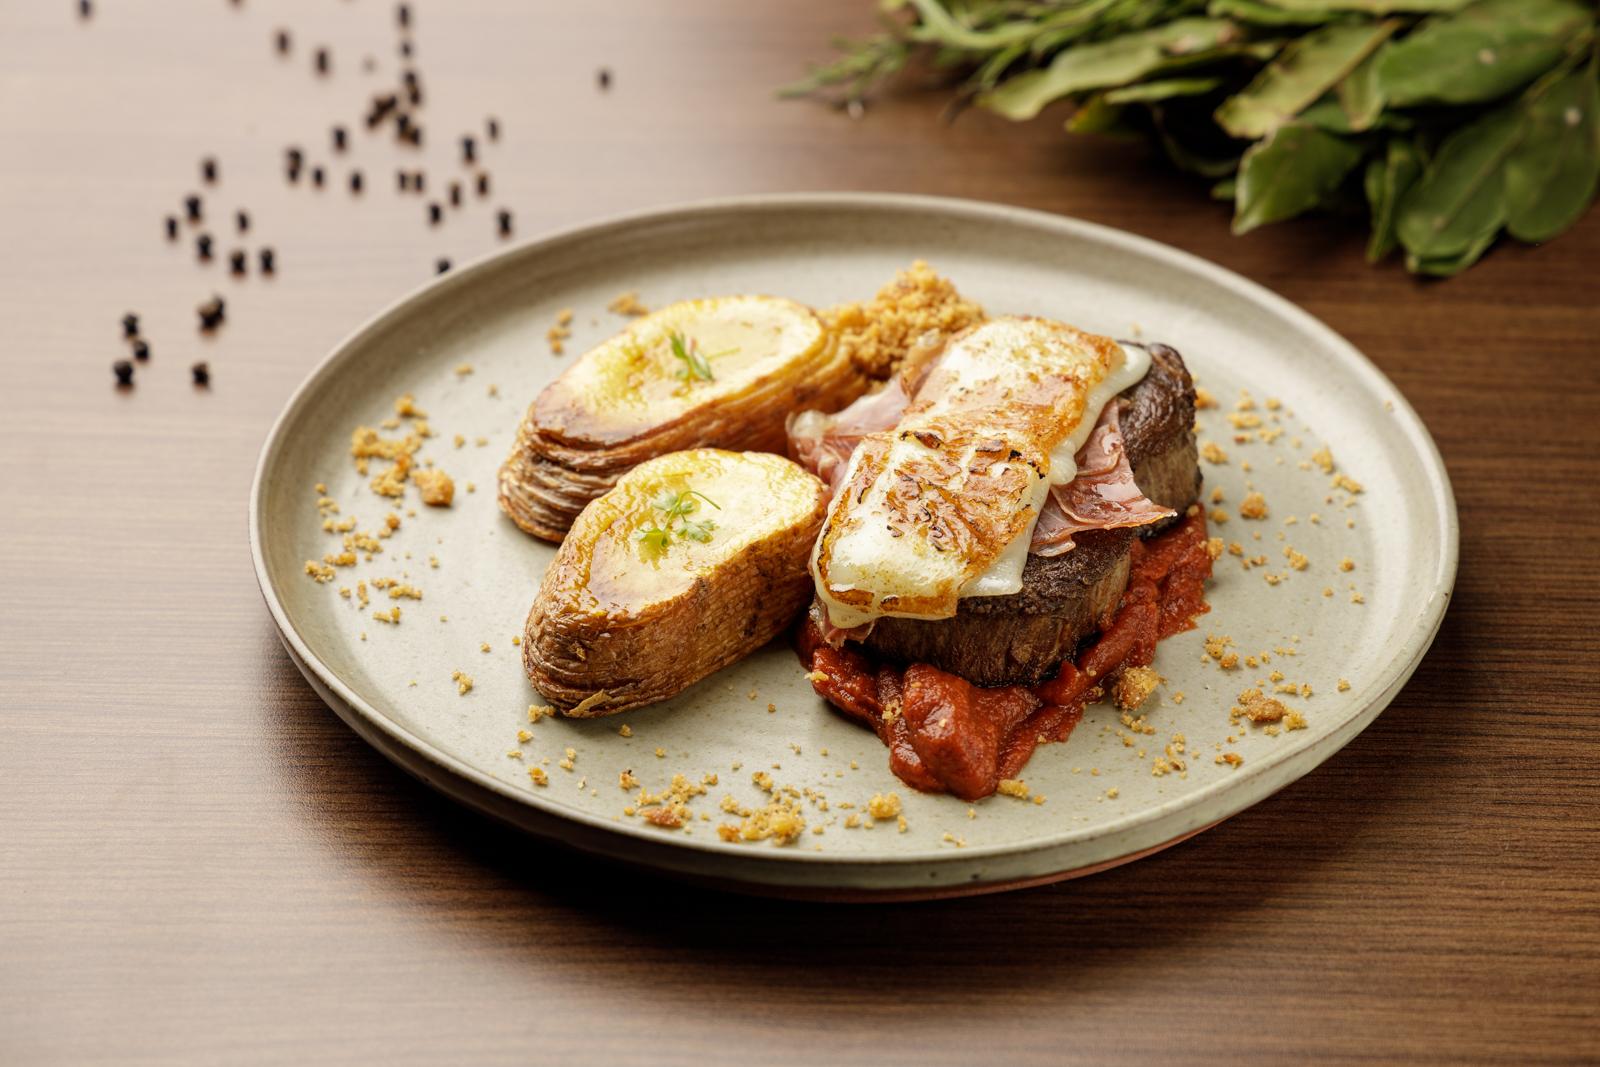 Restaurante do Hotel Rayon, o Triopo faz a sua estreia no Festival neste ano. A cozinha contemporânea também traz receitas exclusivas como o mignon à parmegiana, uma releitura da receita tradicional.  Foto: Fernando Zequinão.